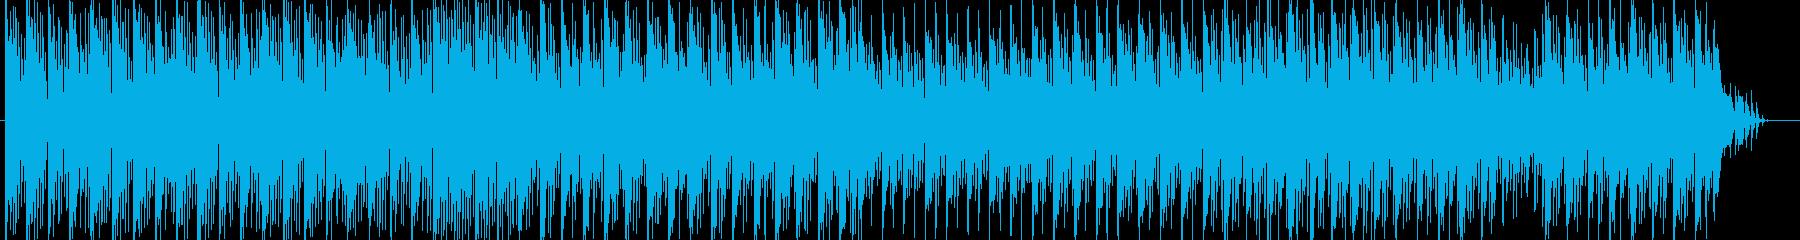 リズミカルで爽やかなポップスの再生済みの波形